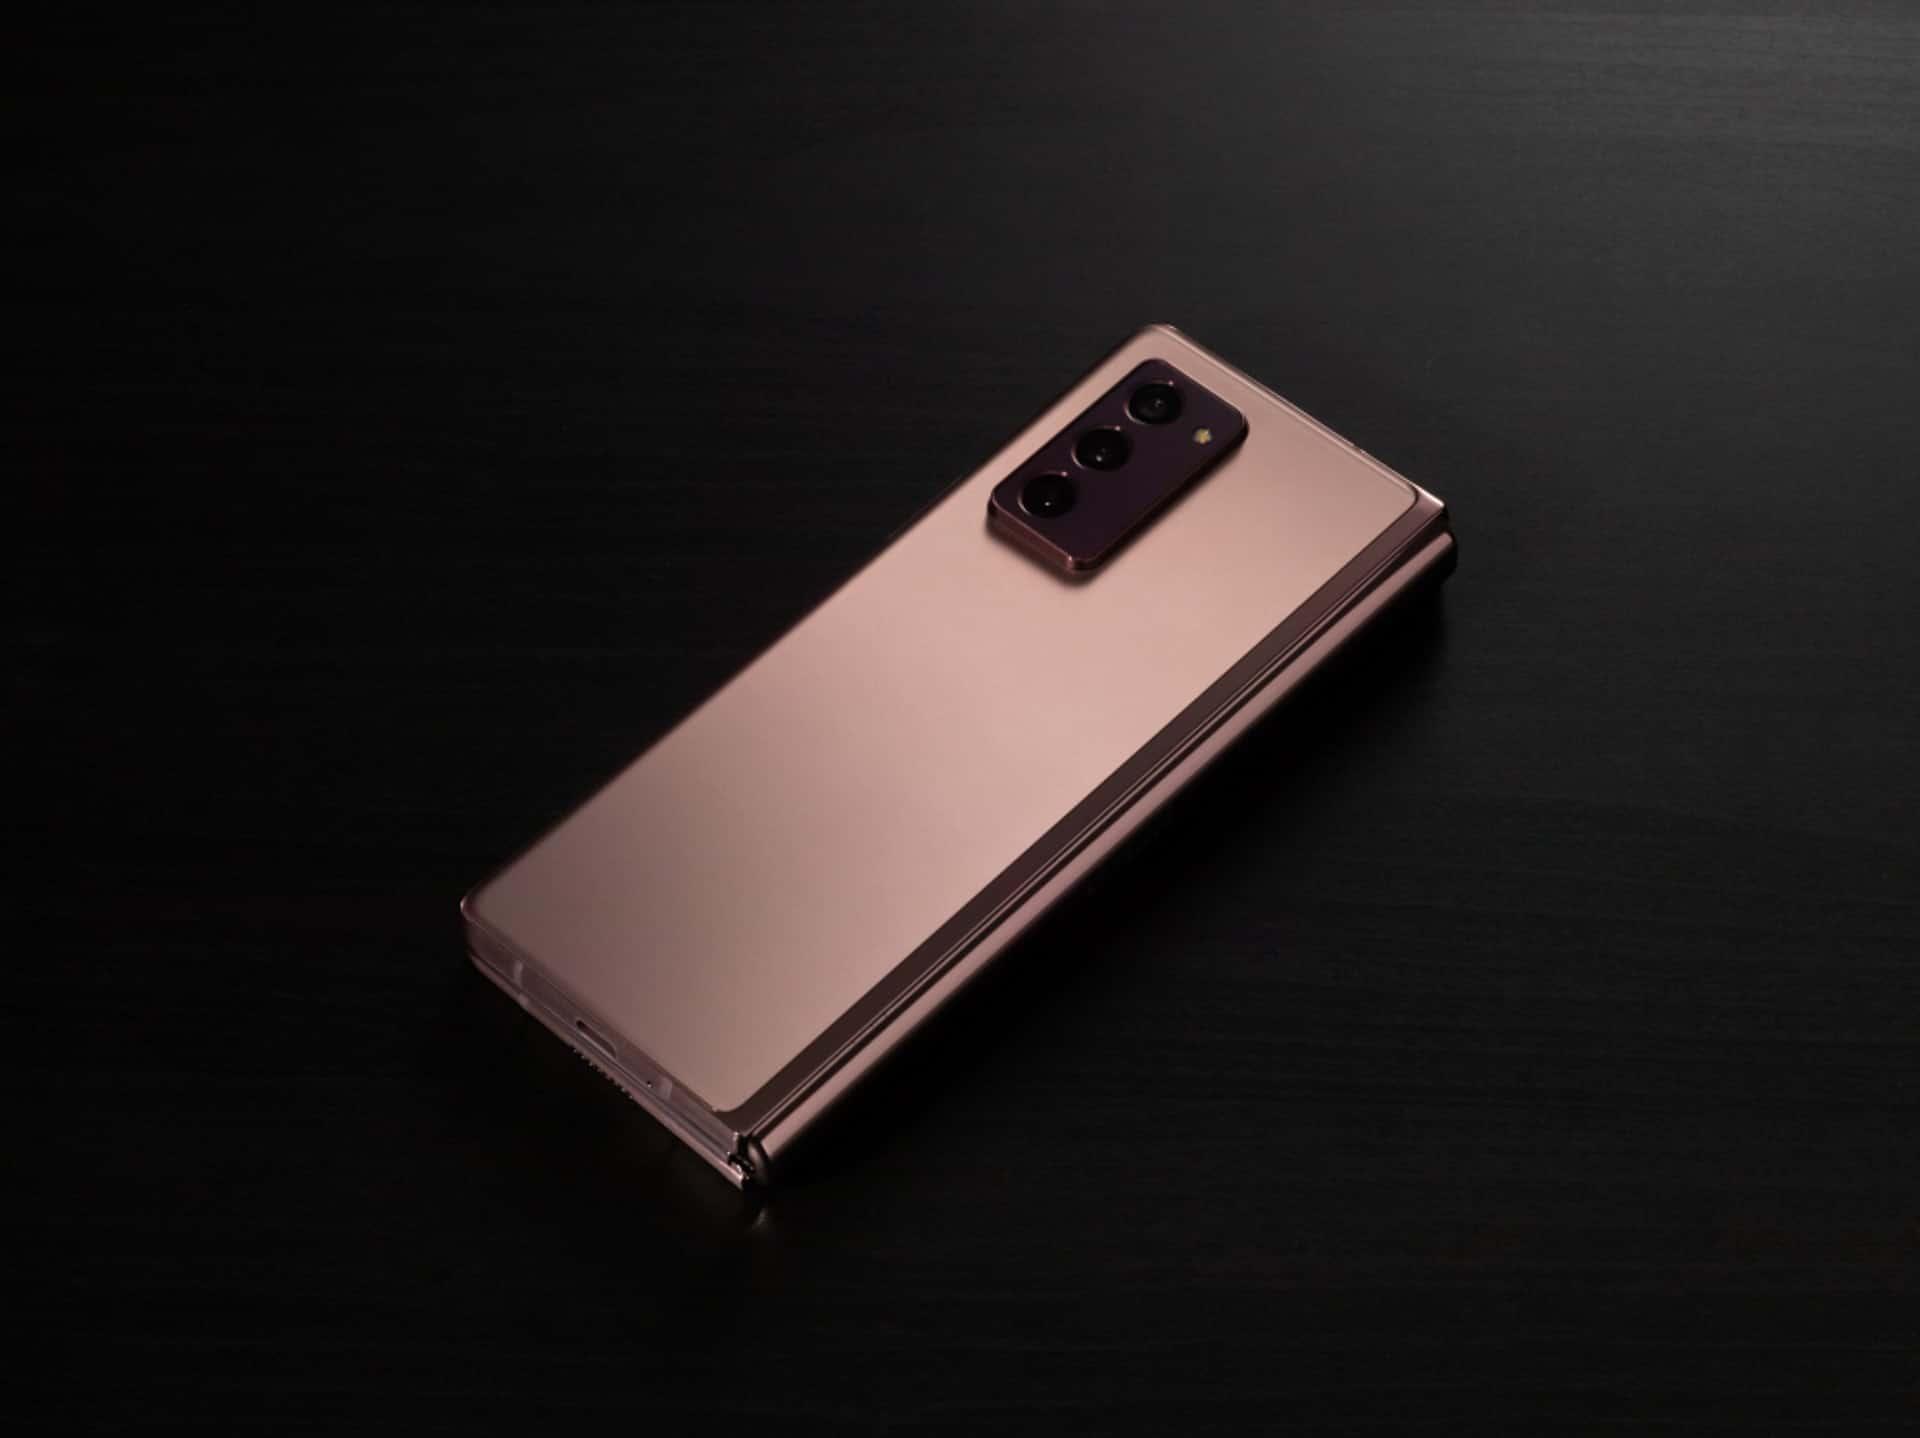 Samsung Galaxy Z Fold 2 7